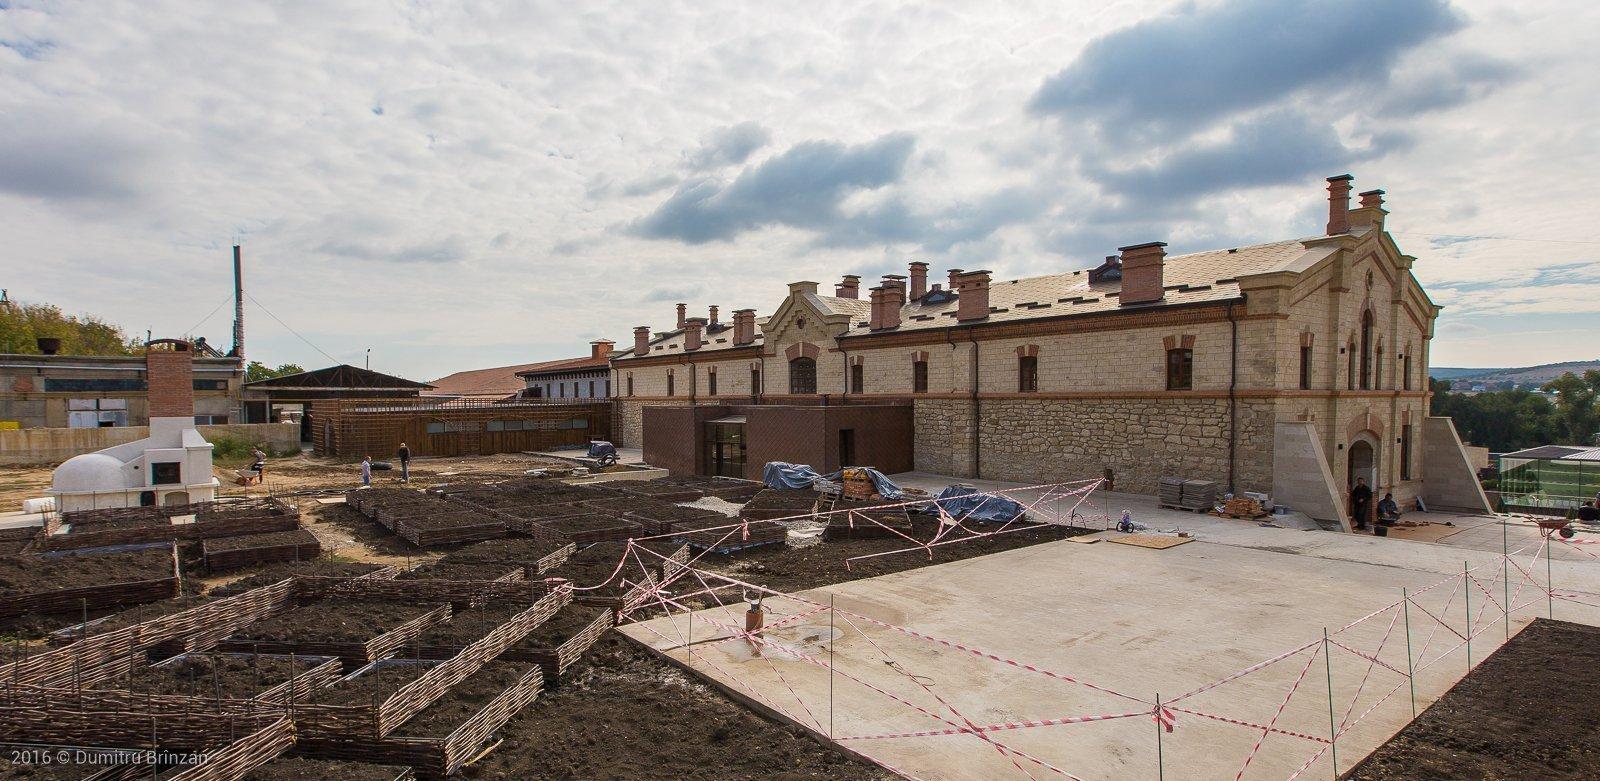 castel-mimi-winery-moldova-2016-8